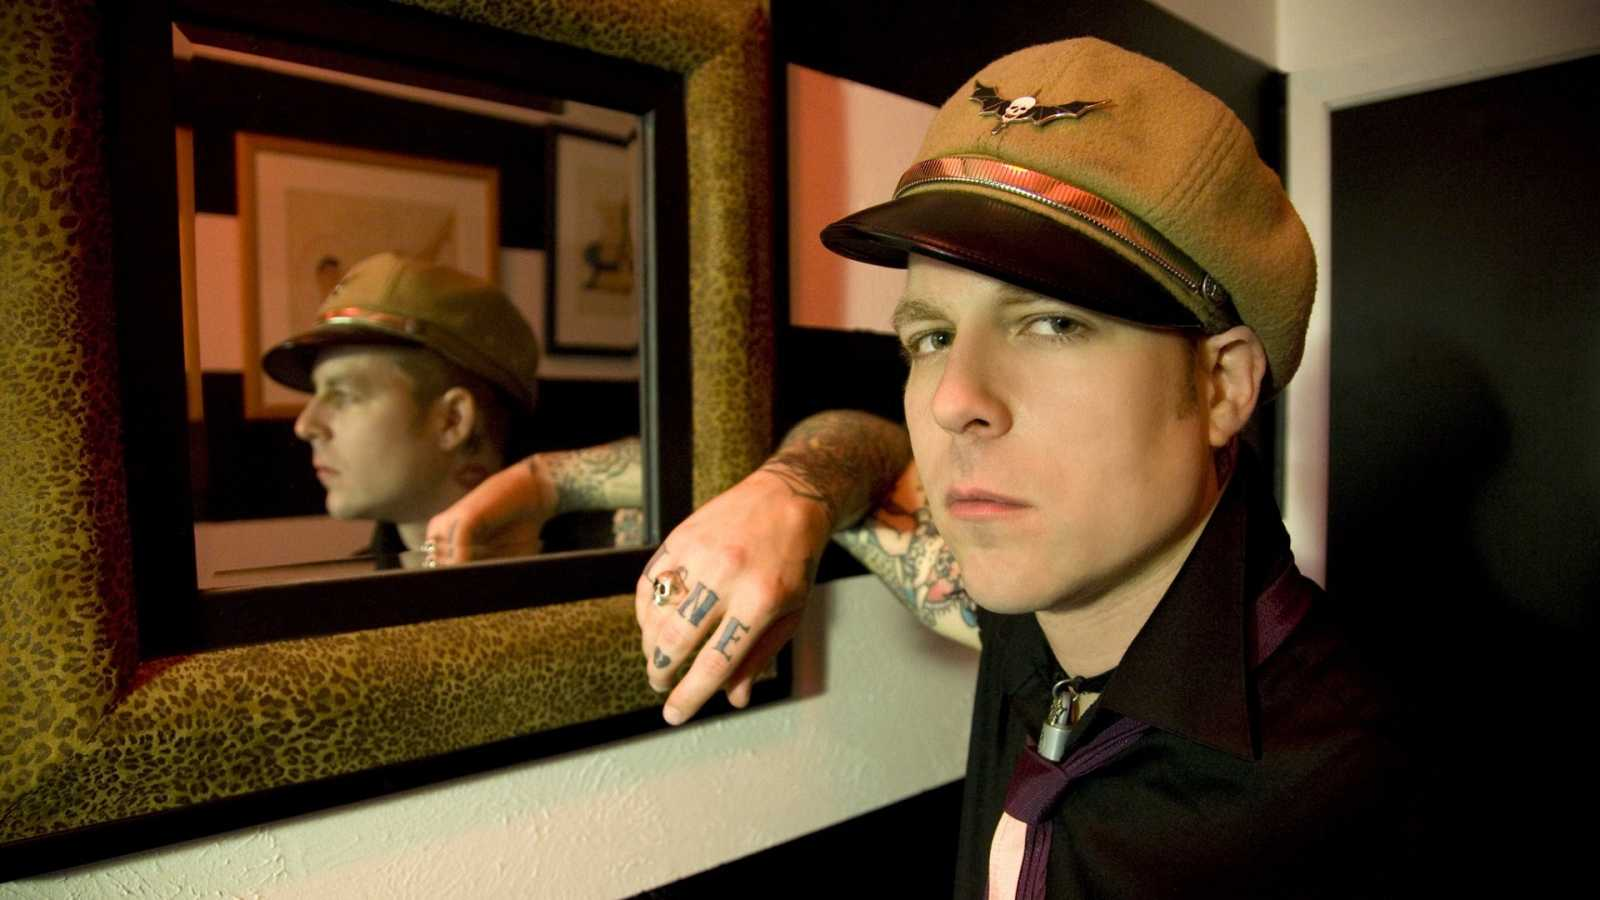 El sótano - Te acuerdas de 2010 - 28/12/20 - escuchar ahora